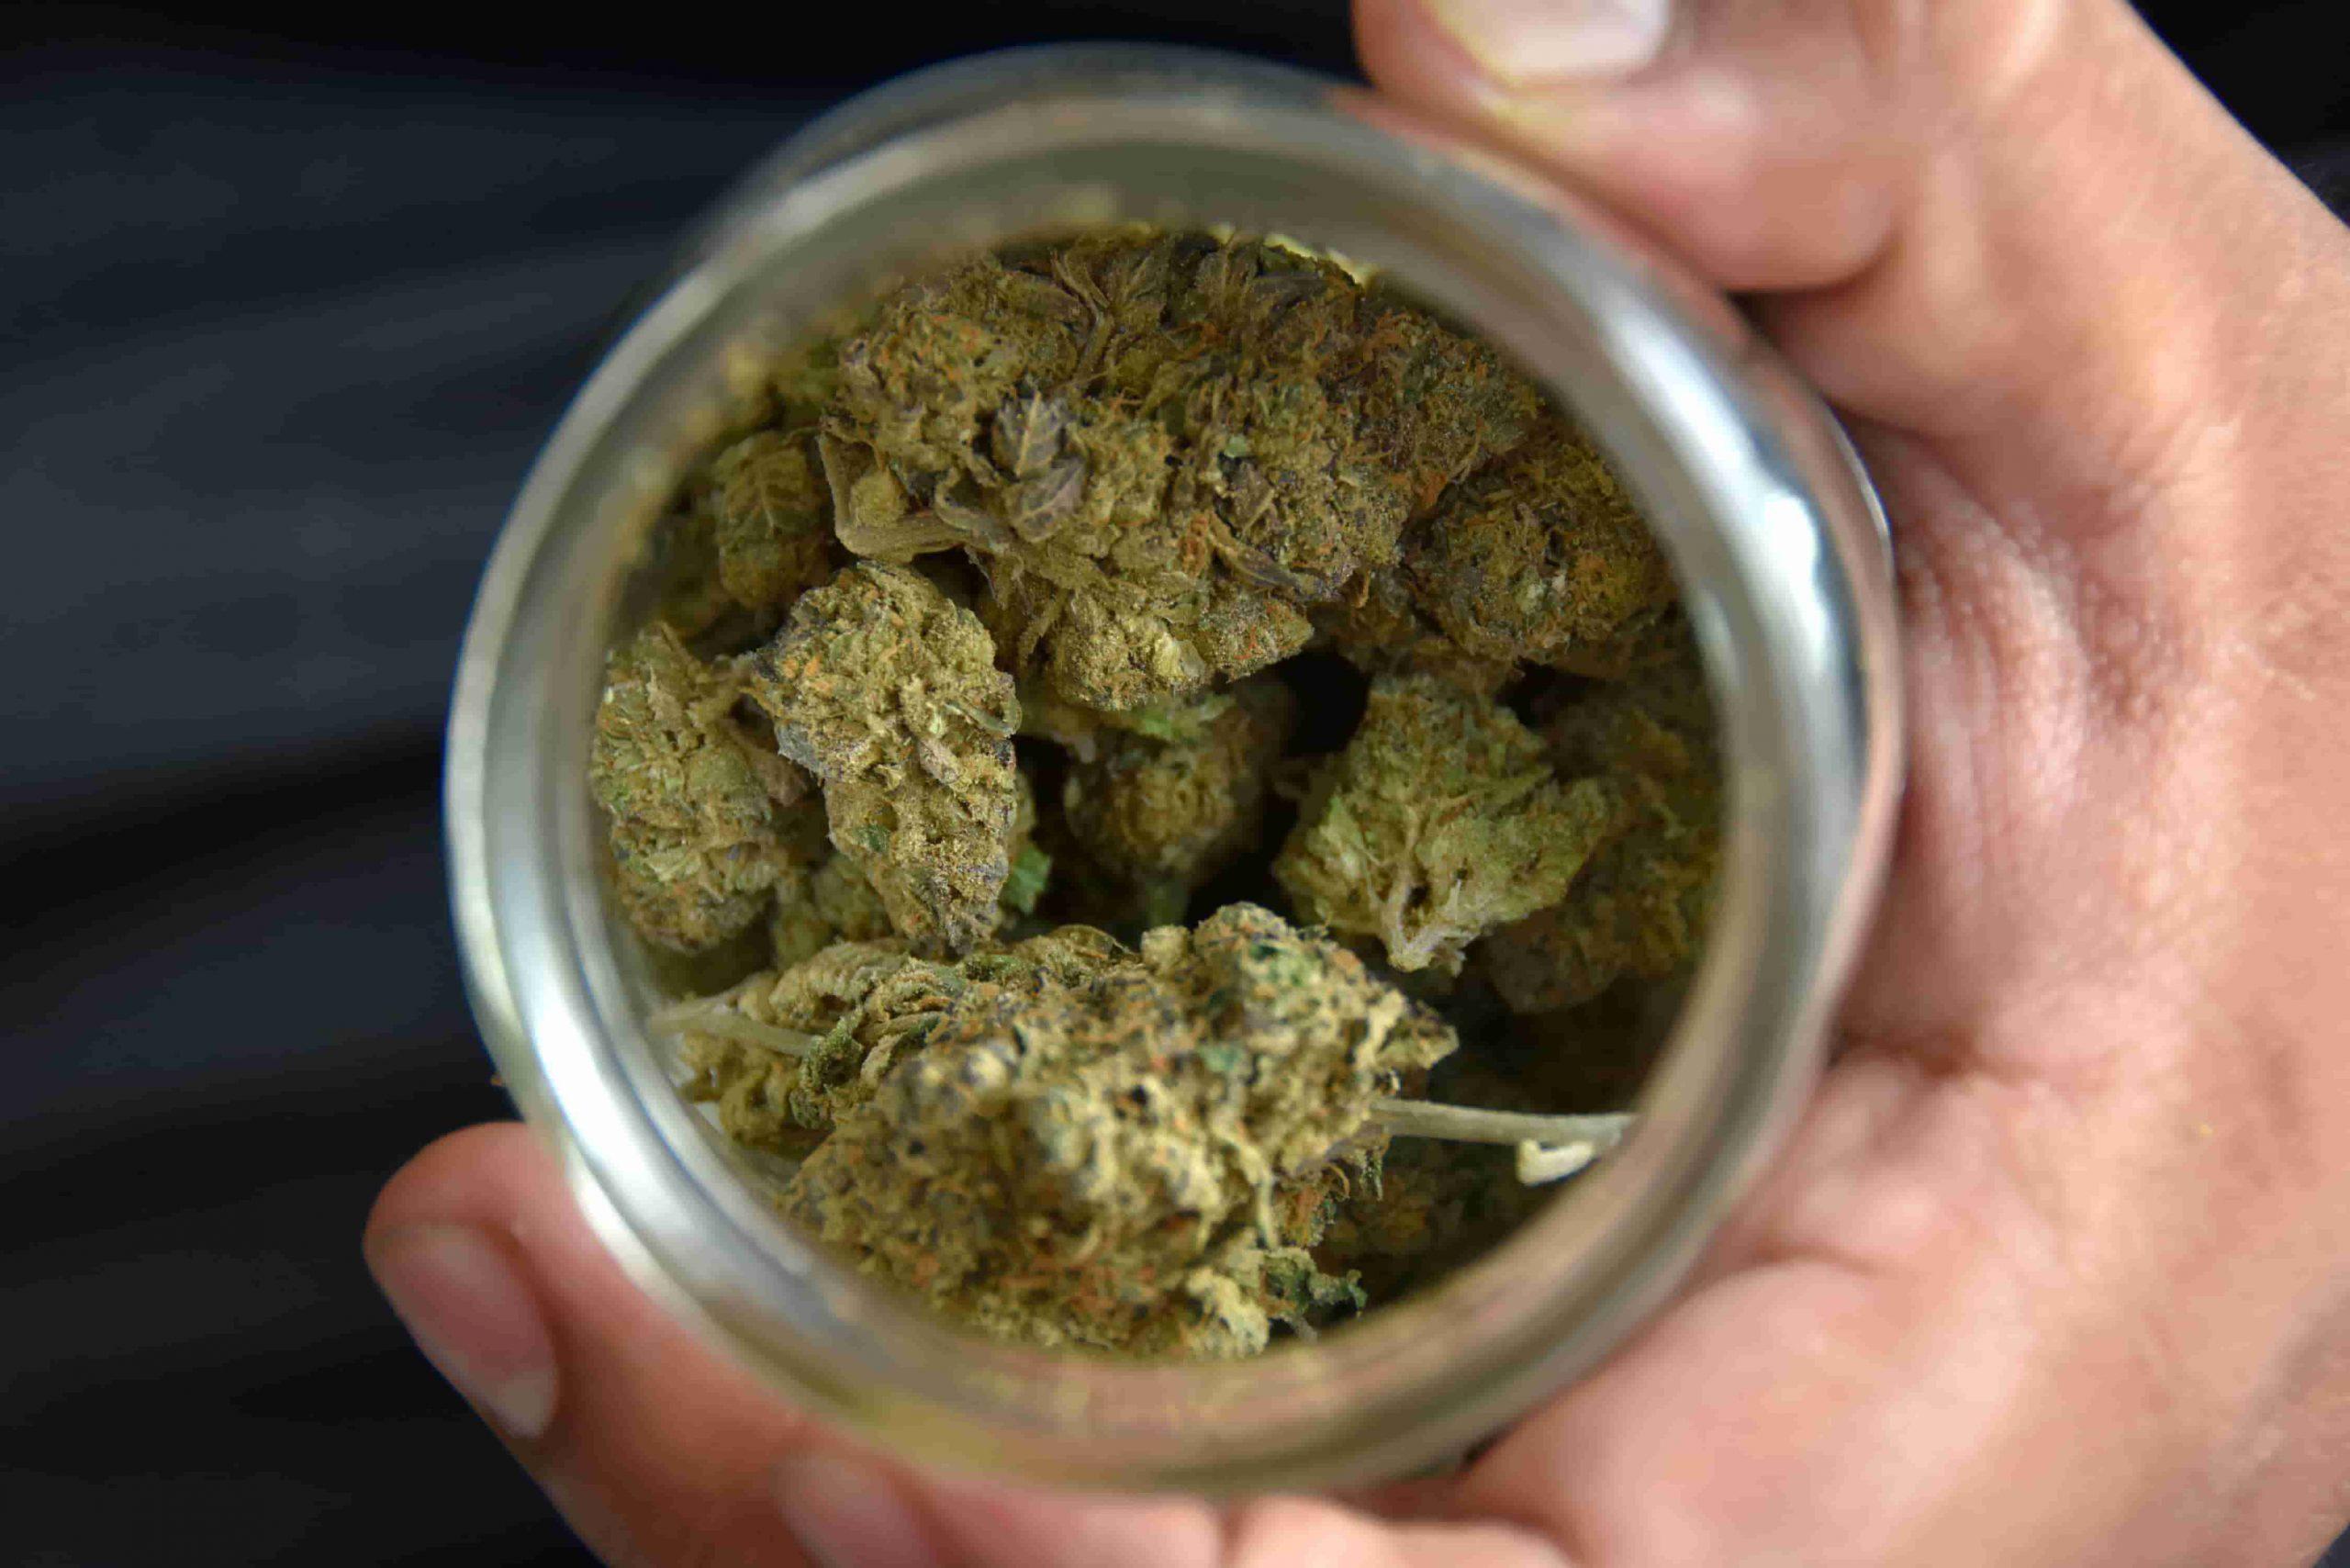 Esto es lo que debes saber sobre el consumo legal de marihuana